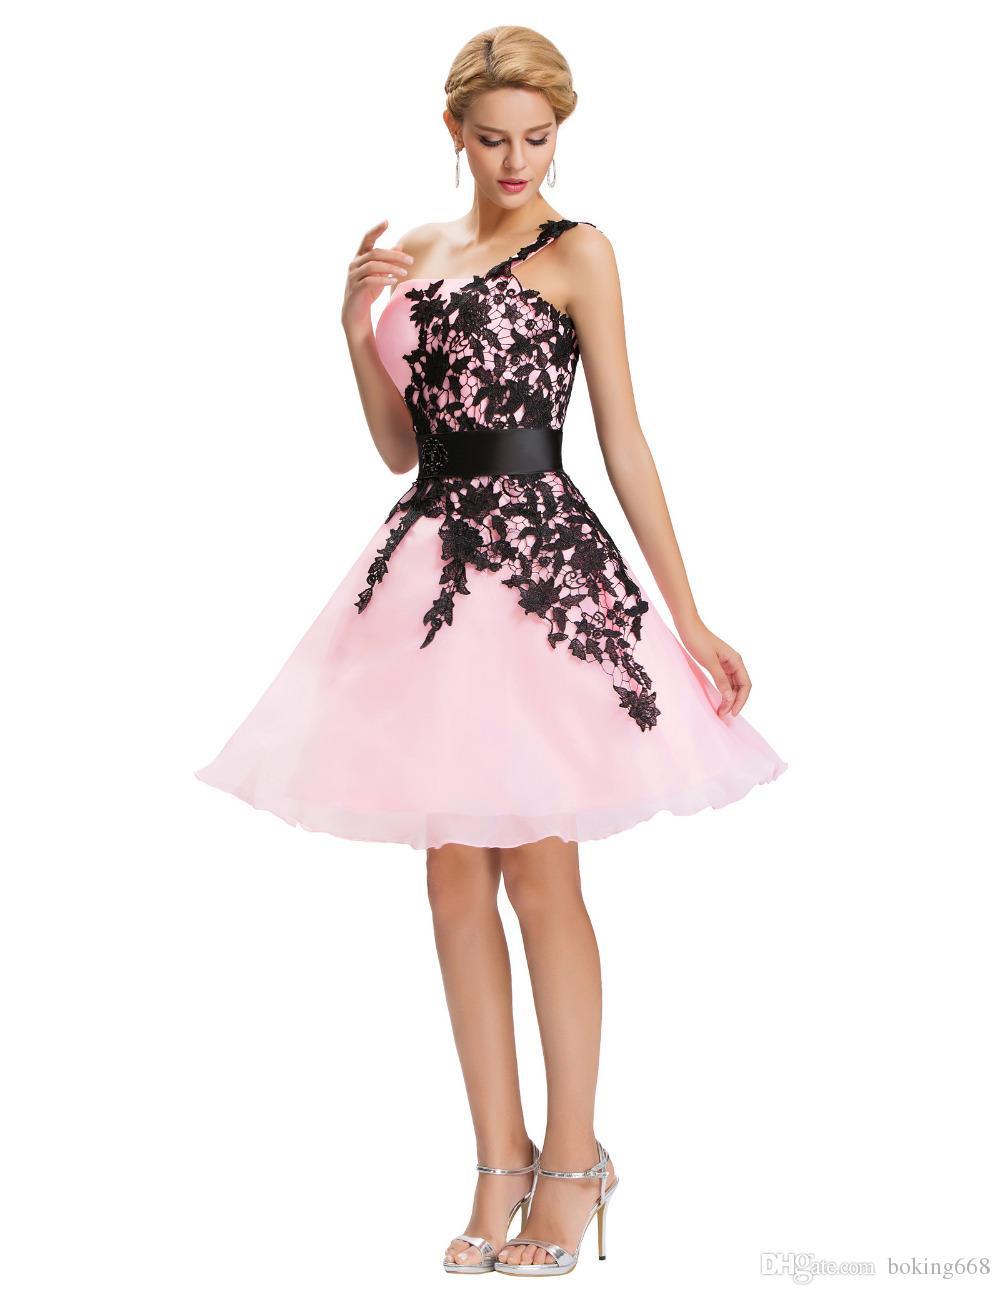 f2a56fdb3 Compre 2019 Sexy Prom Vestidos De Noche Rojo Corto Uno Shourlder Bordado  Vestido De Bola Grace Karin Vestidos Formales De Gala Abendkleider Por  Encargo A ...